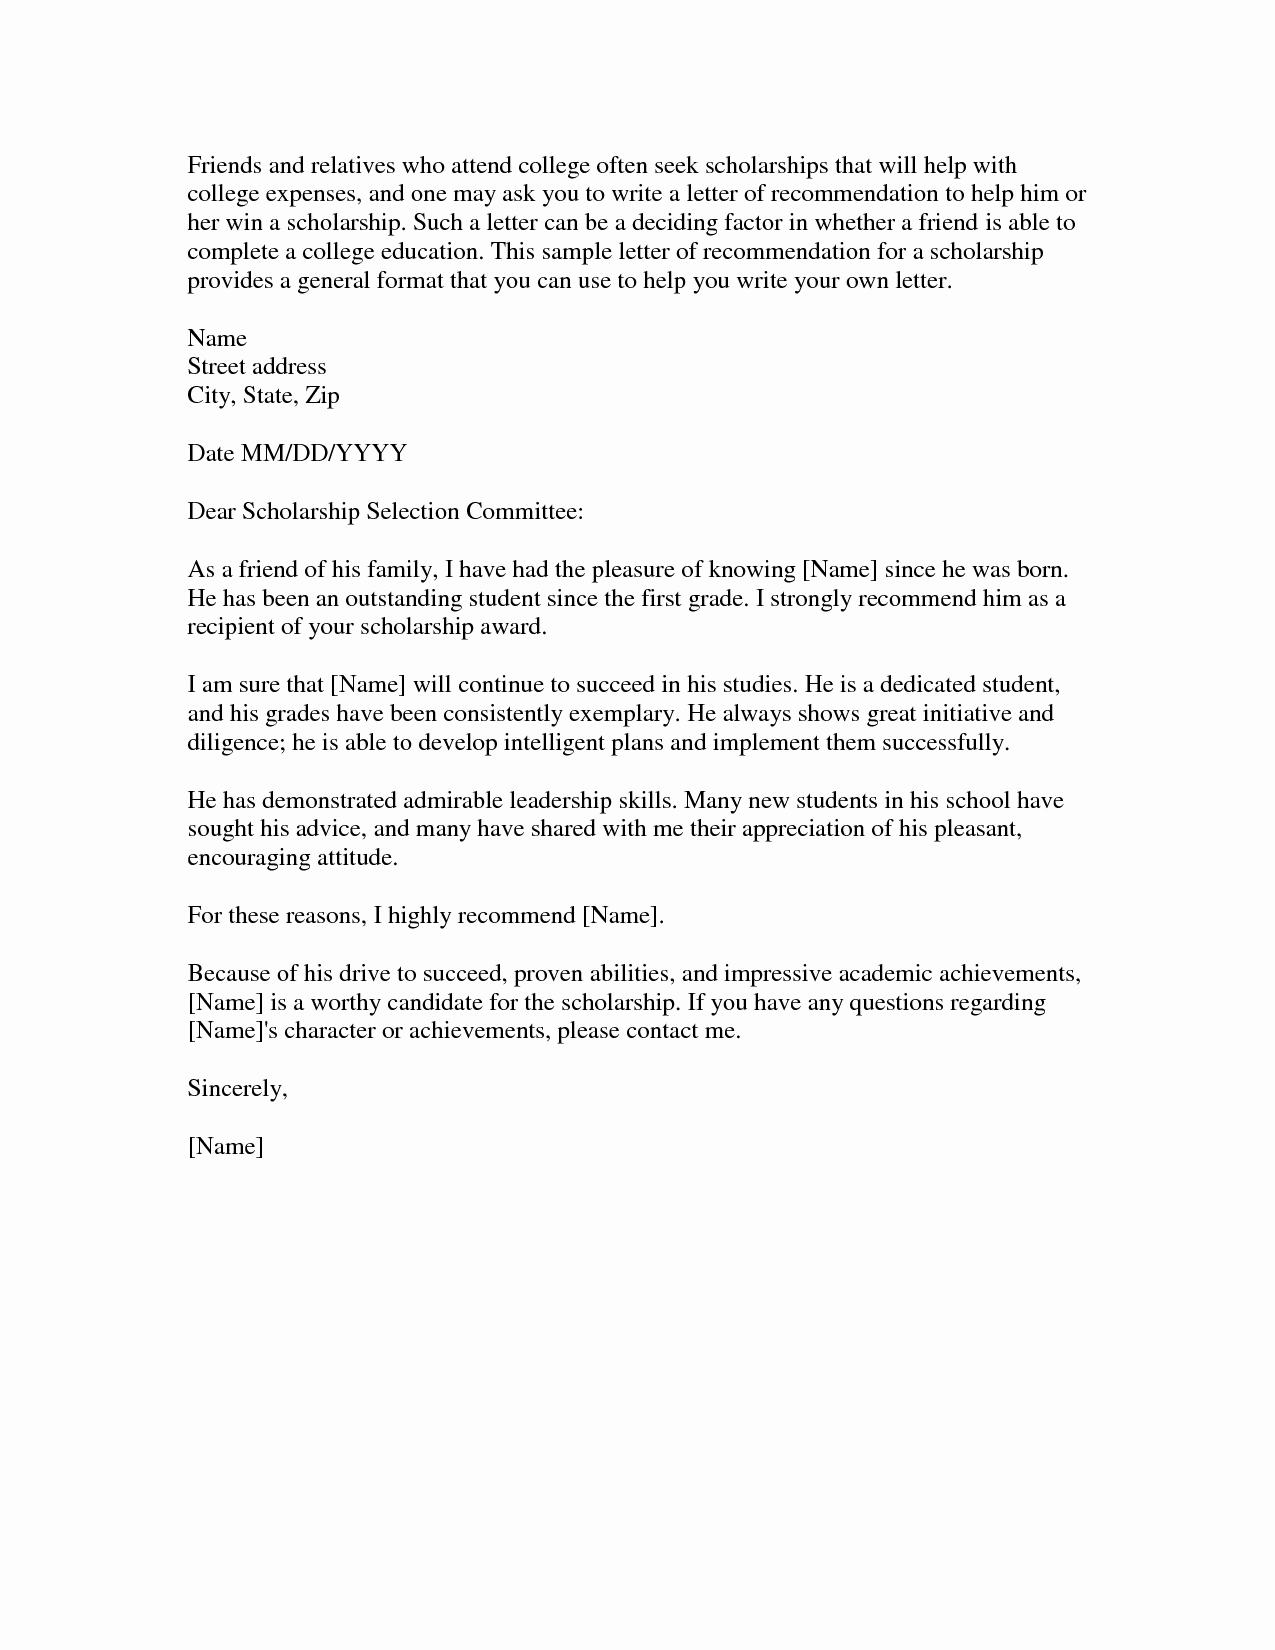 Scholarship Recommendation Letter Sample Fresh Download Scholarship Re Mendation Letter Sample Word